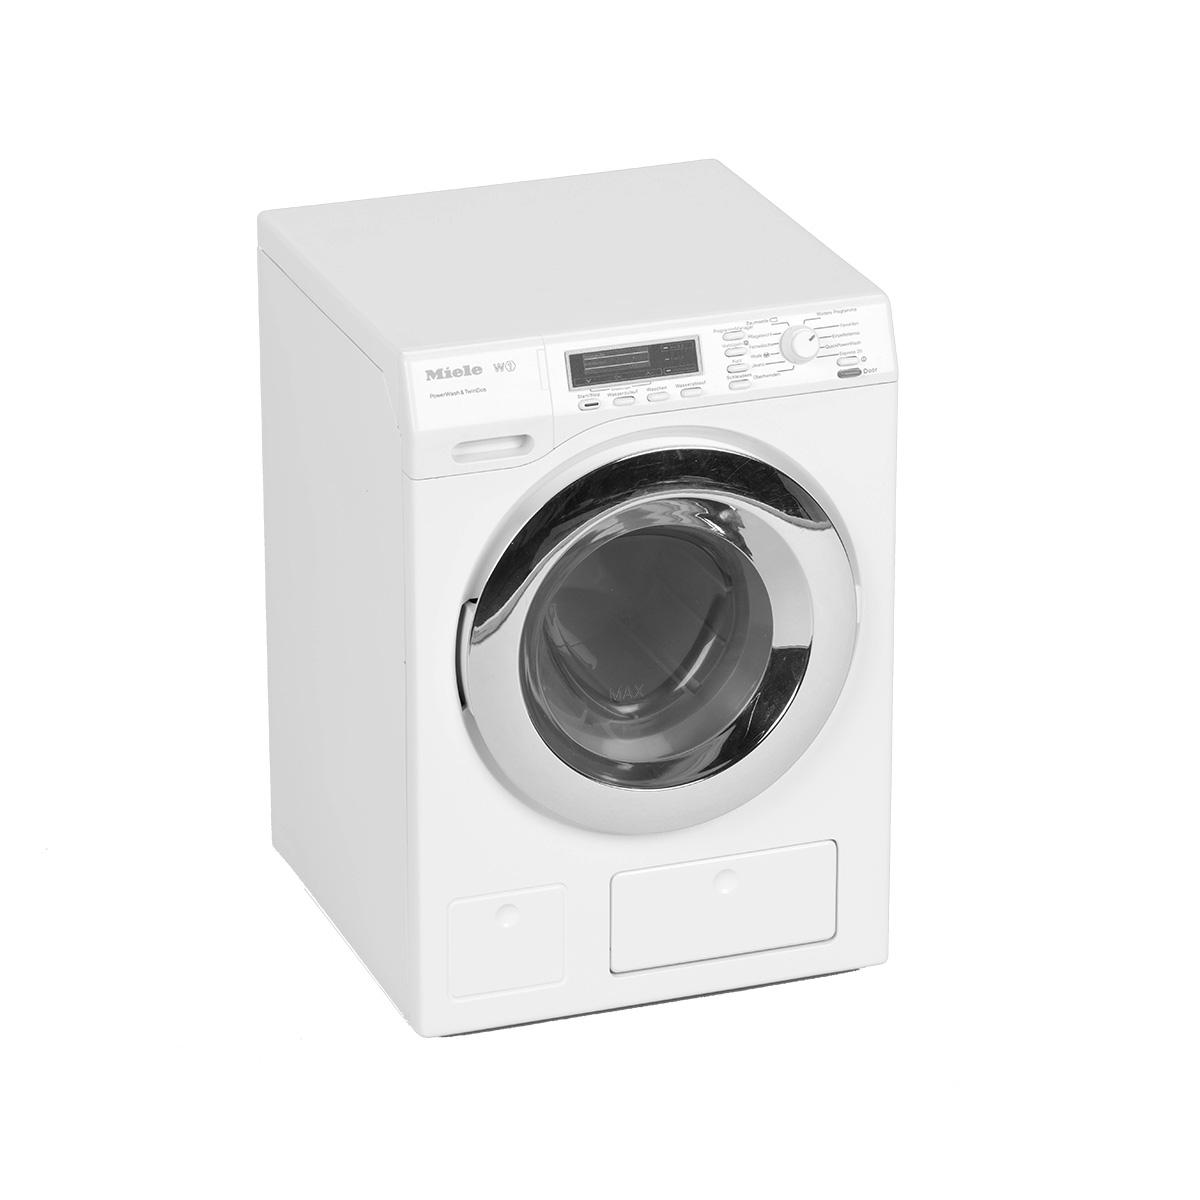 Billede af Miele legetøjsvaskemaskine